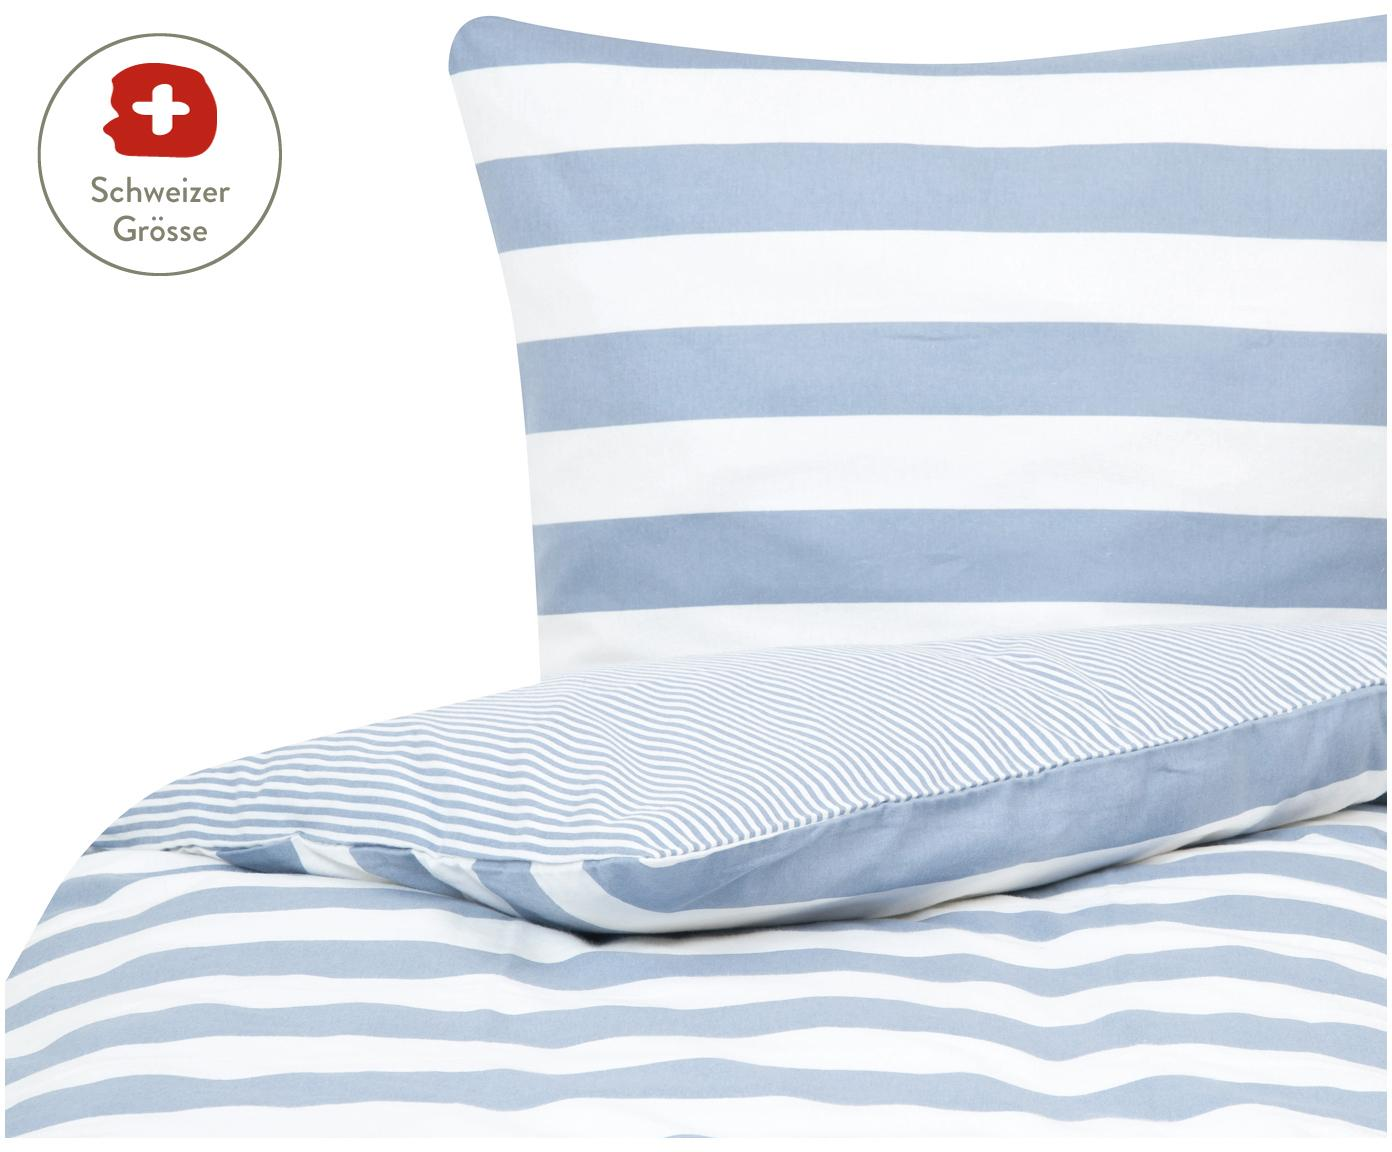 Flanell-Wendebettdeckenbezug Alice mit Sternen, Webart: Flanell, Hellblau, Weiss, 160 x 210 cm